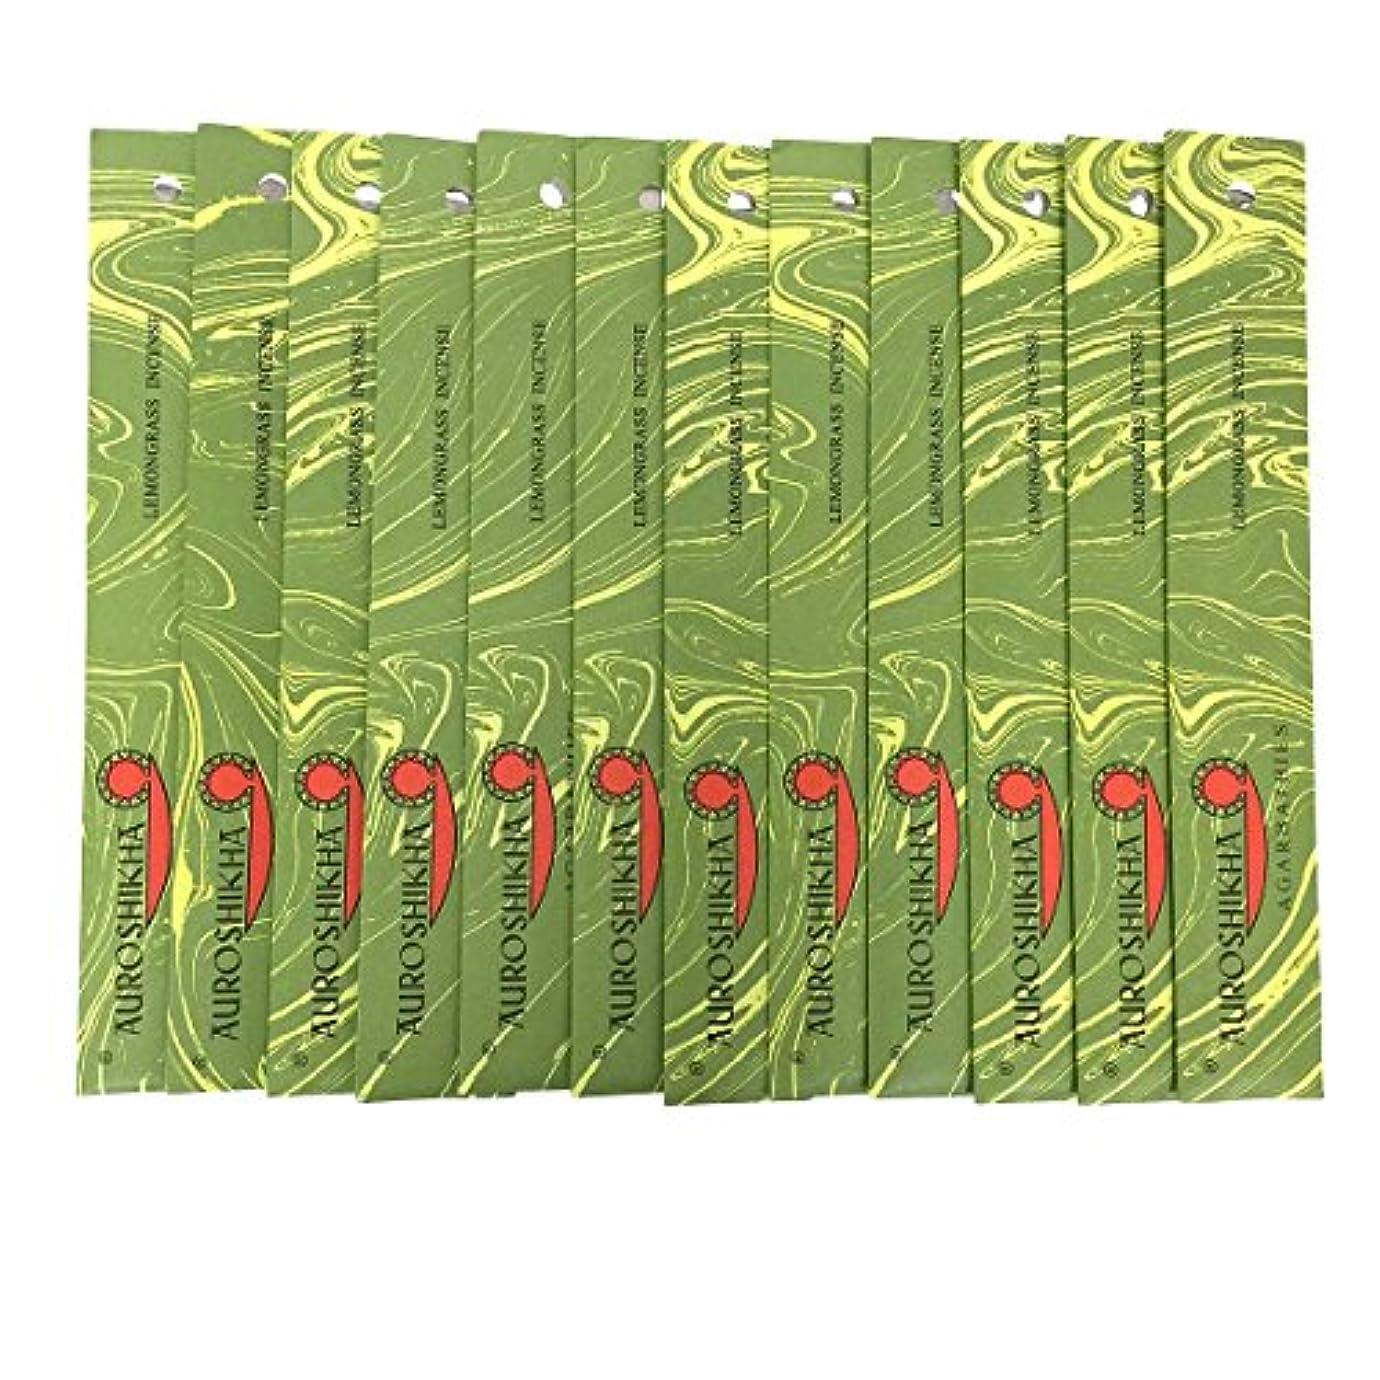 明確な自治ステープルAUROSHIKHA オウロシカ(LEMONGRASSレモングラス12個セット) マーブルパッケージスティック 送料無料